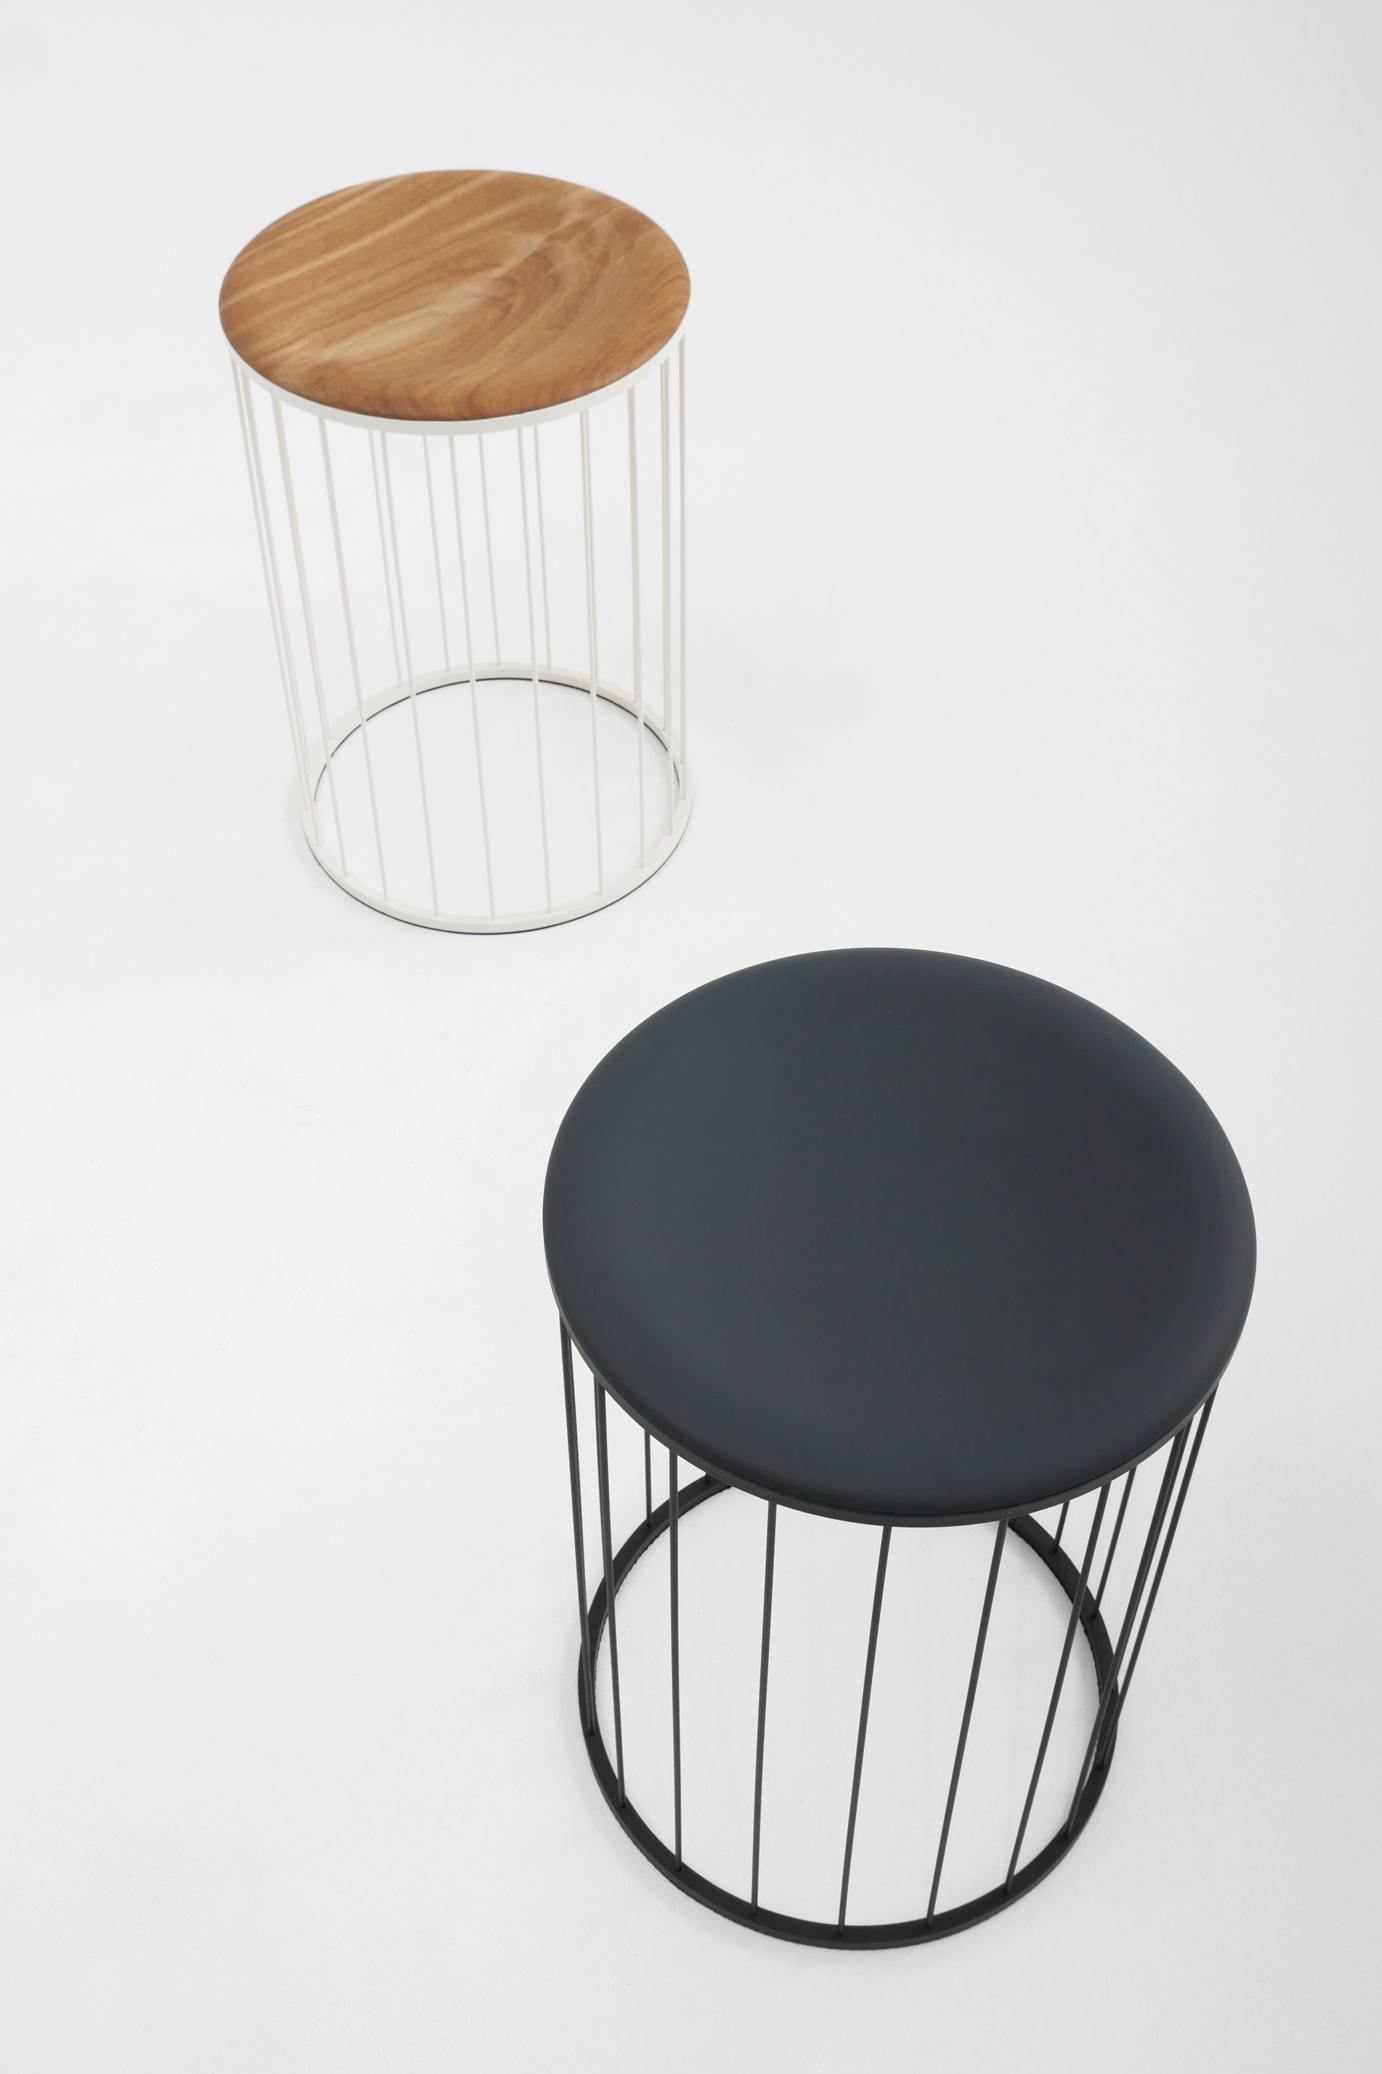 spring Hocker aktives sitzen Schwingstuhl Stuhl zum wippen ergonomischer sitzen